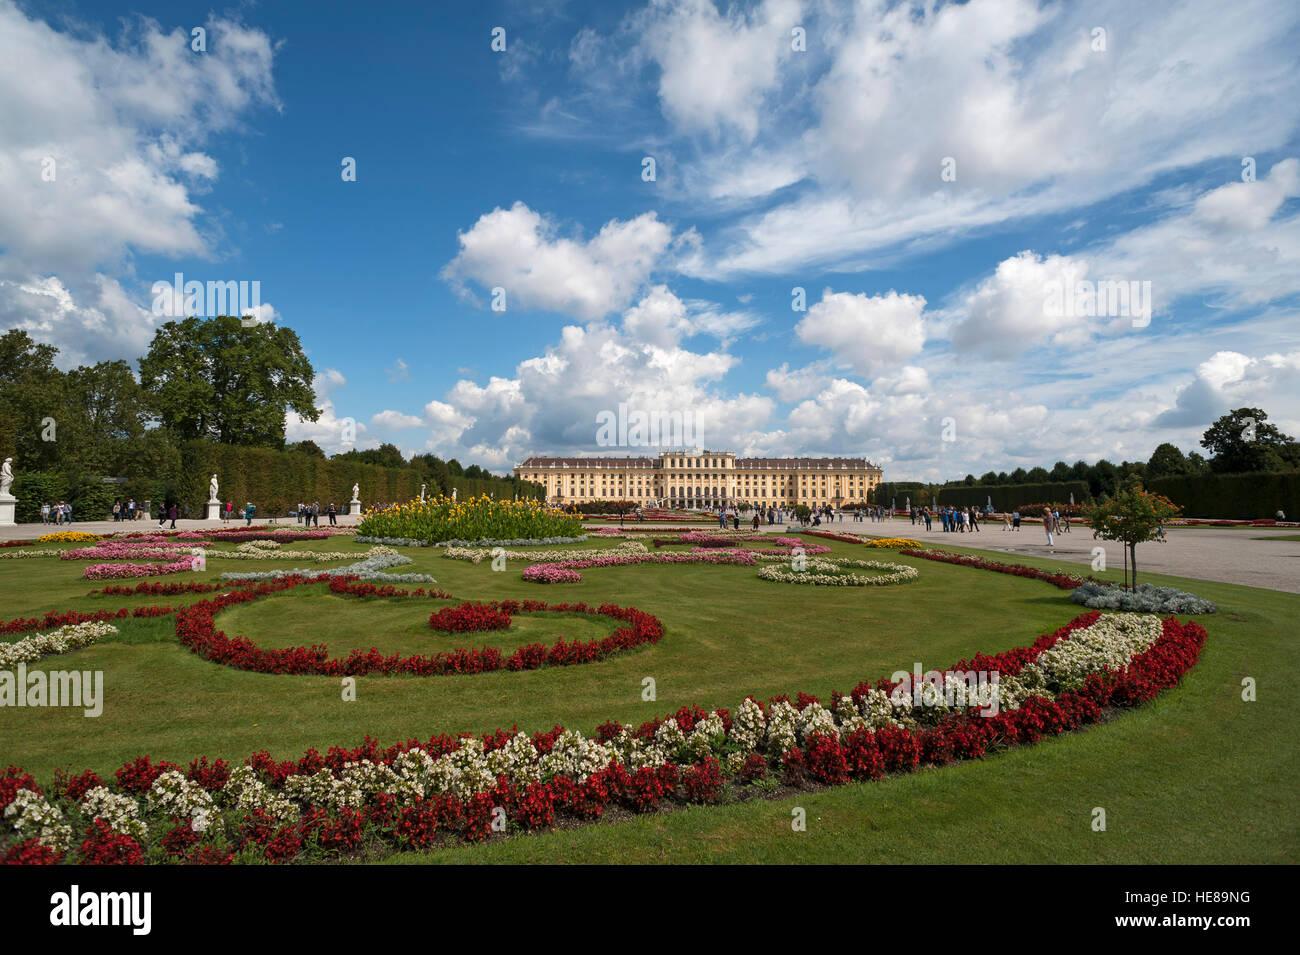 Lit de fleur dans le parc, le château de Schönbrunn, Vienne, Autriche Photo Stock